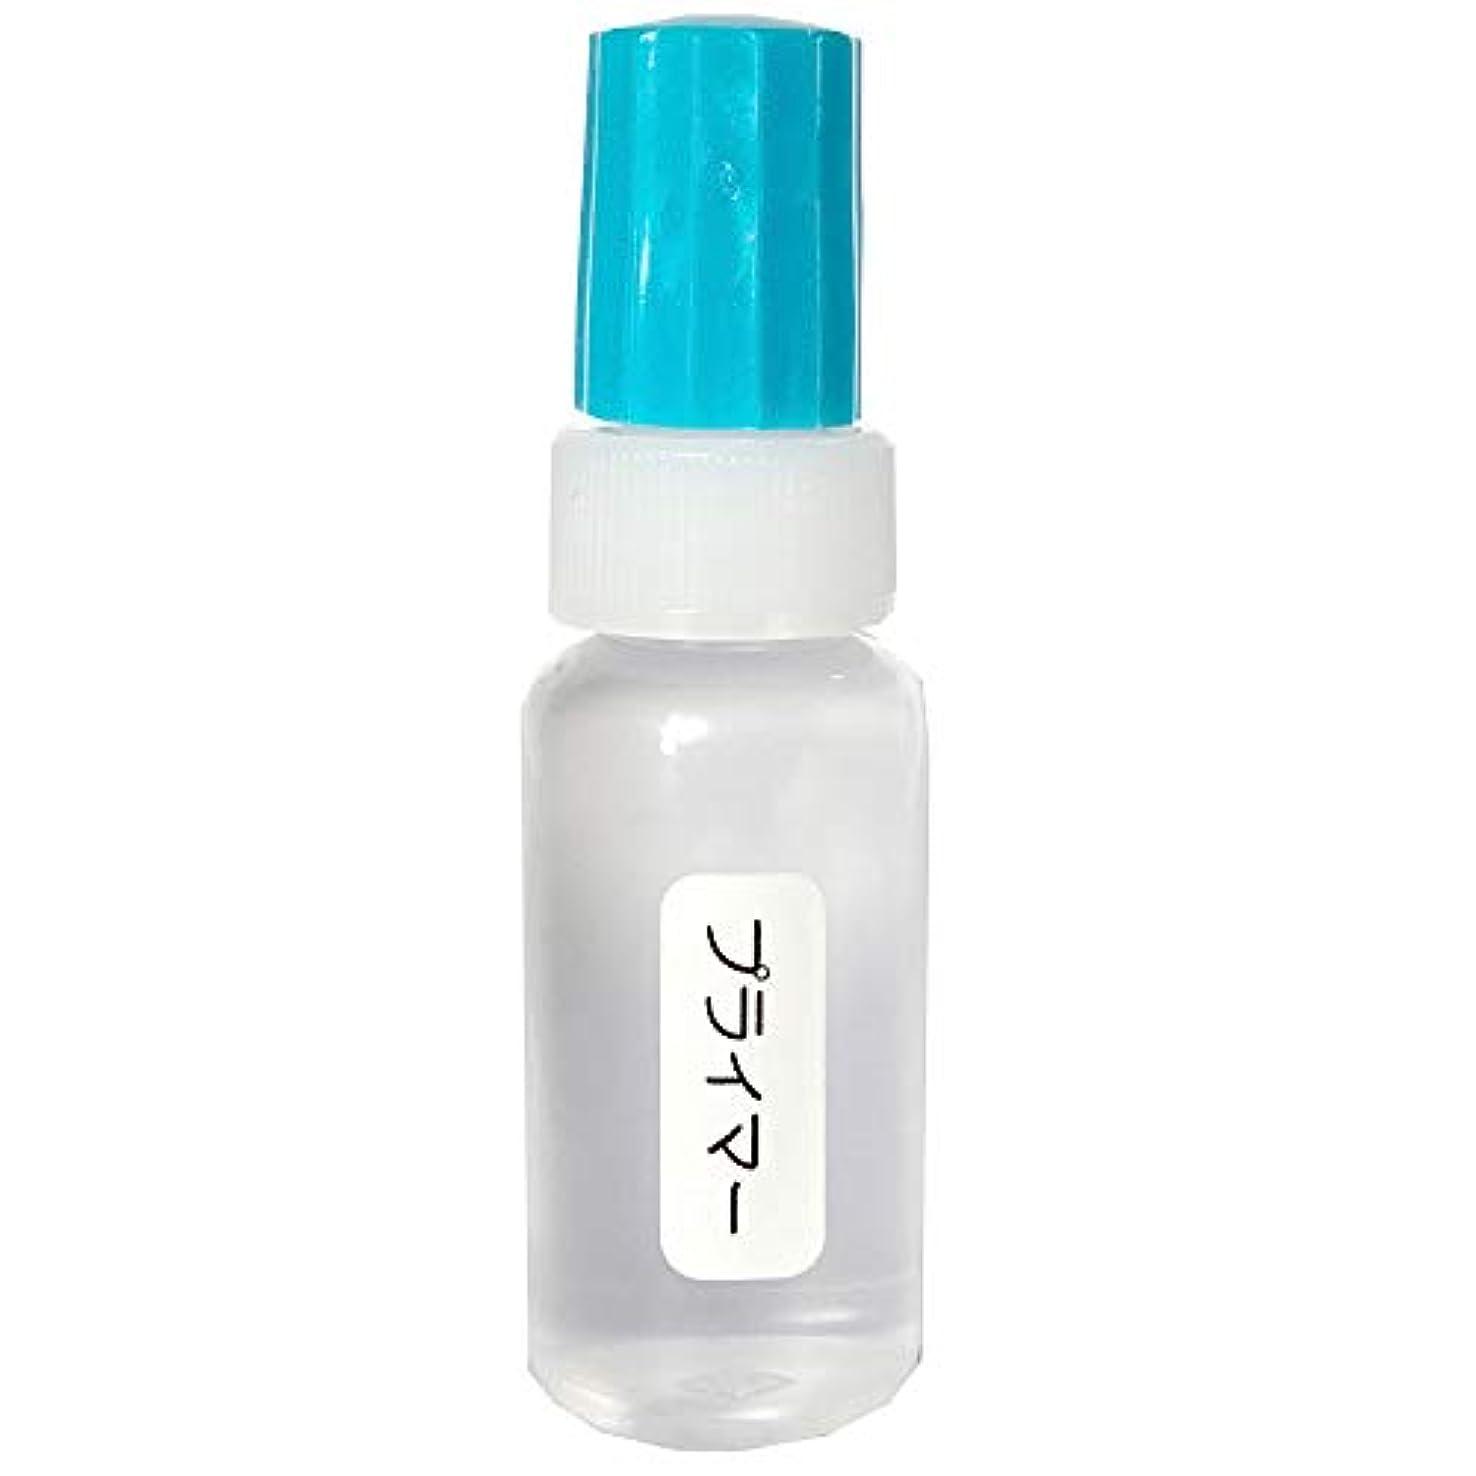 自然扱いやすいランプまつげ用プライマーノンアルコール 10ml まつげエクステグルー?泣けるマスカラ用の前処理剤